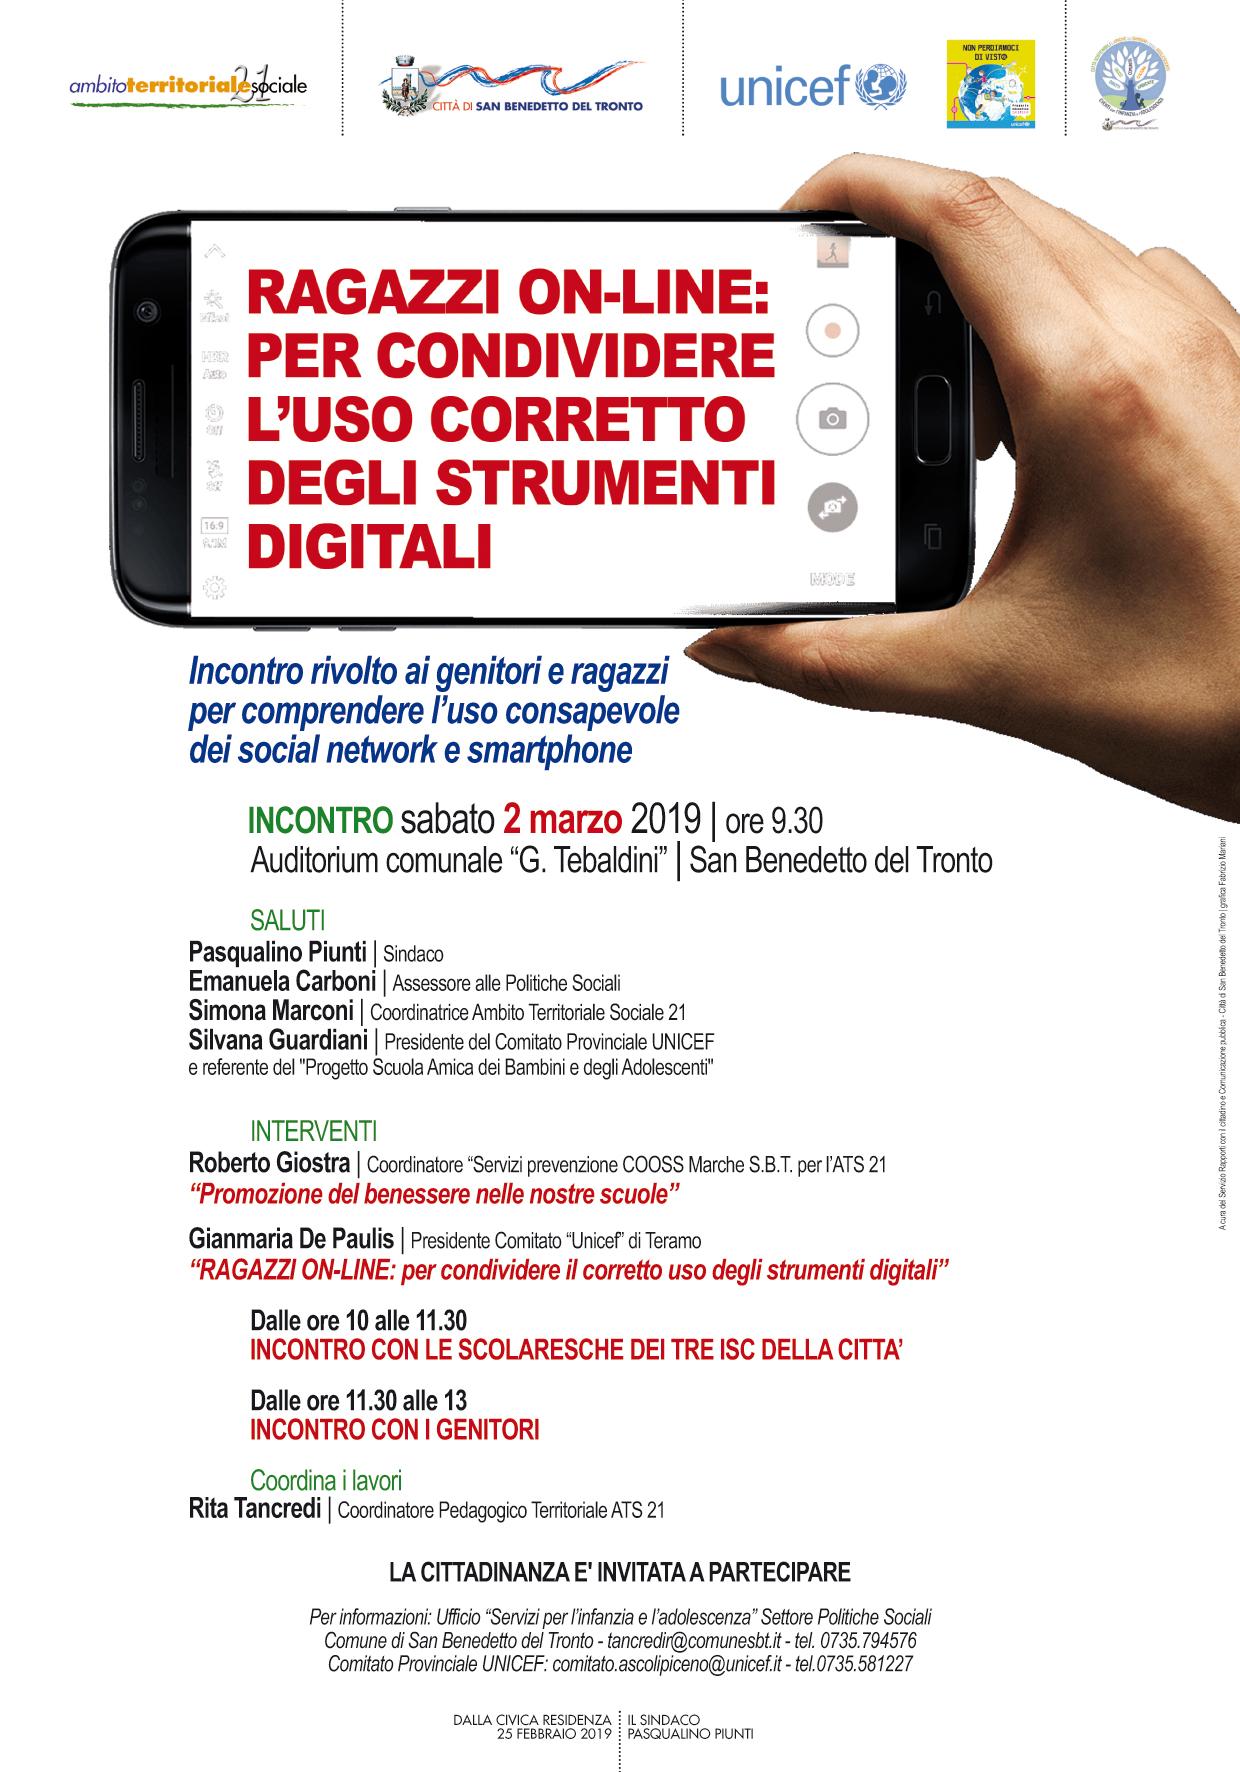 Ragazzi on-line: per condividere l'uso corretto degli strumenti digitali.